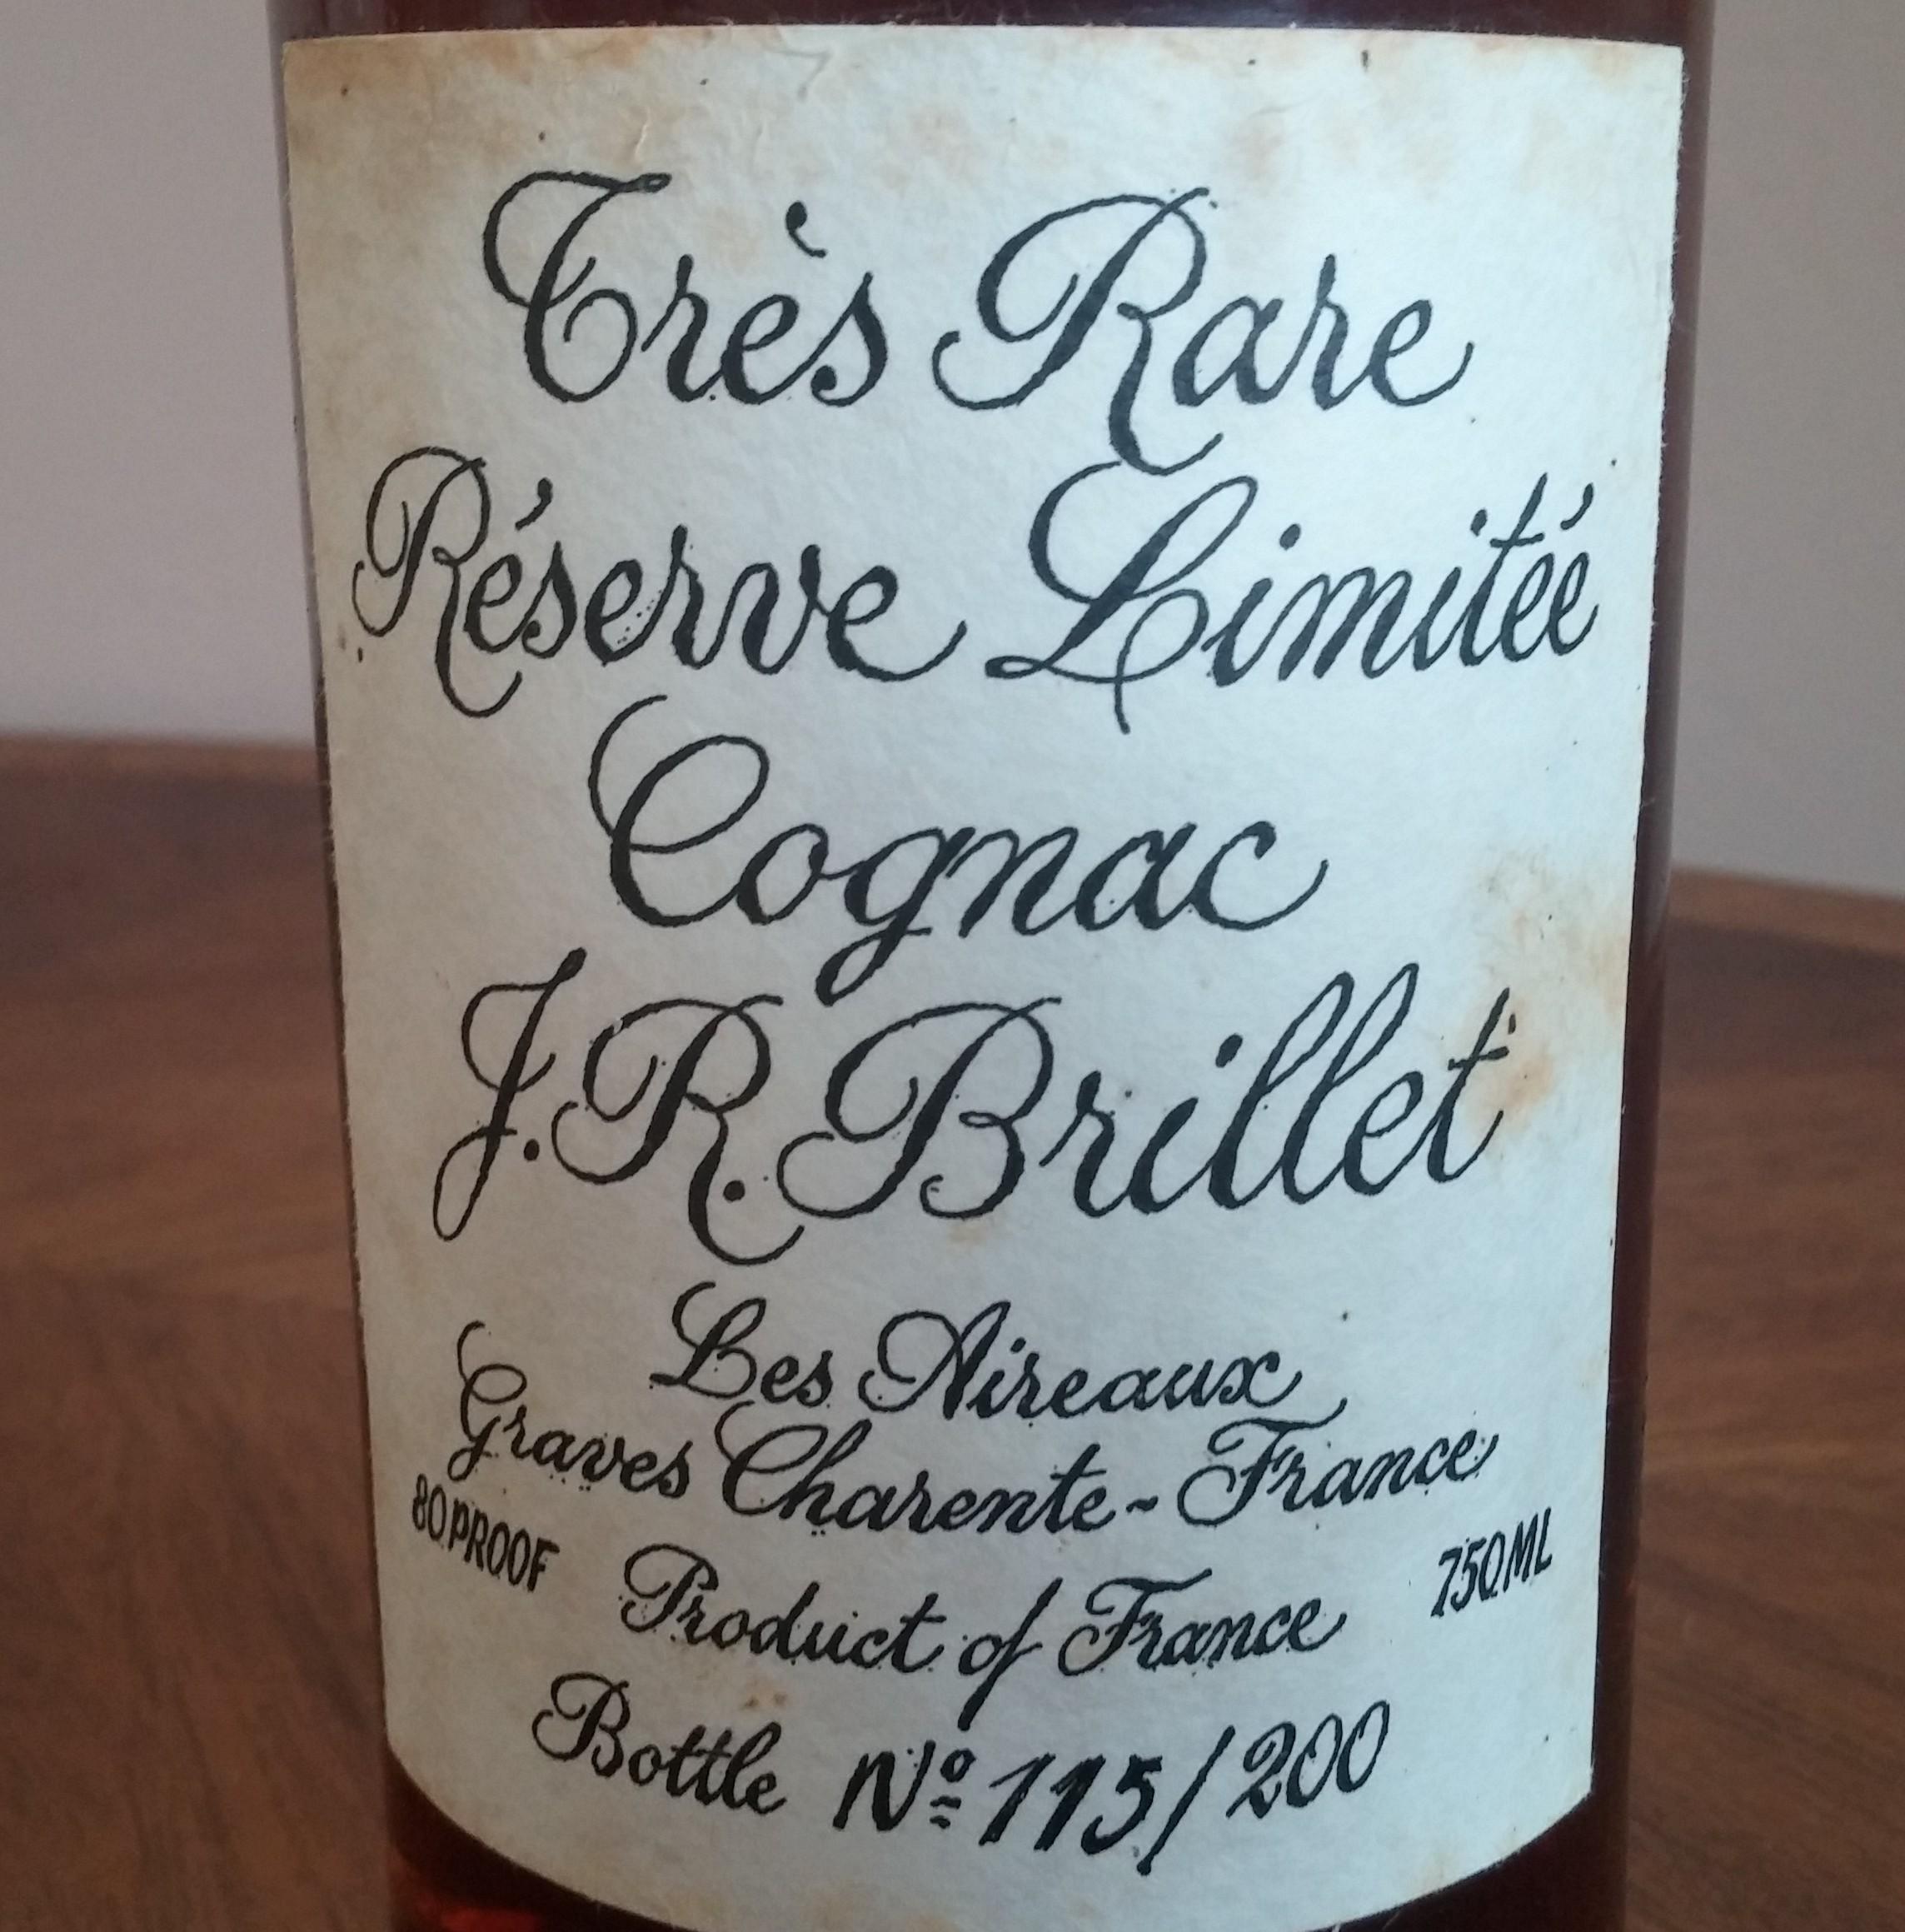 Brillet Très Rare Réserve Limitée Cognac